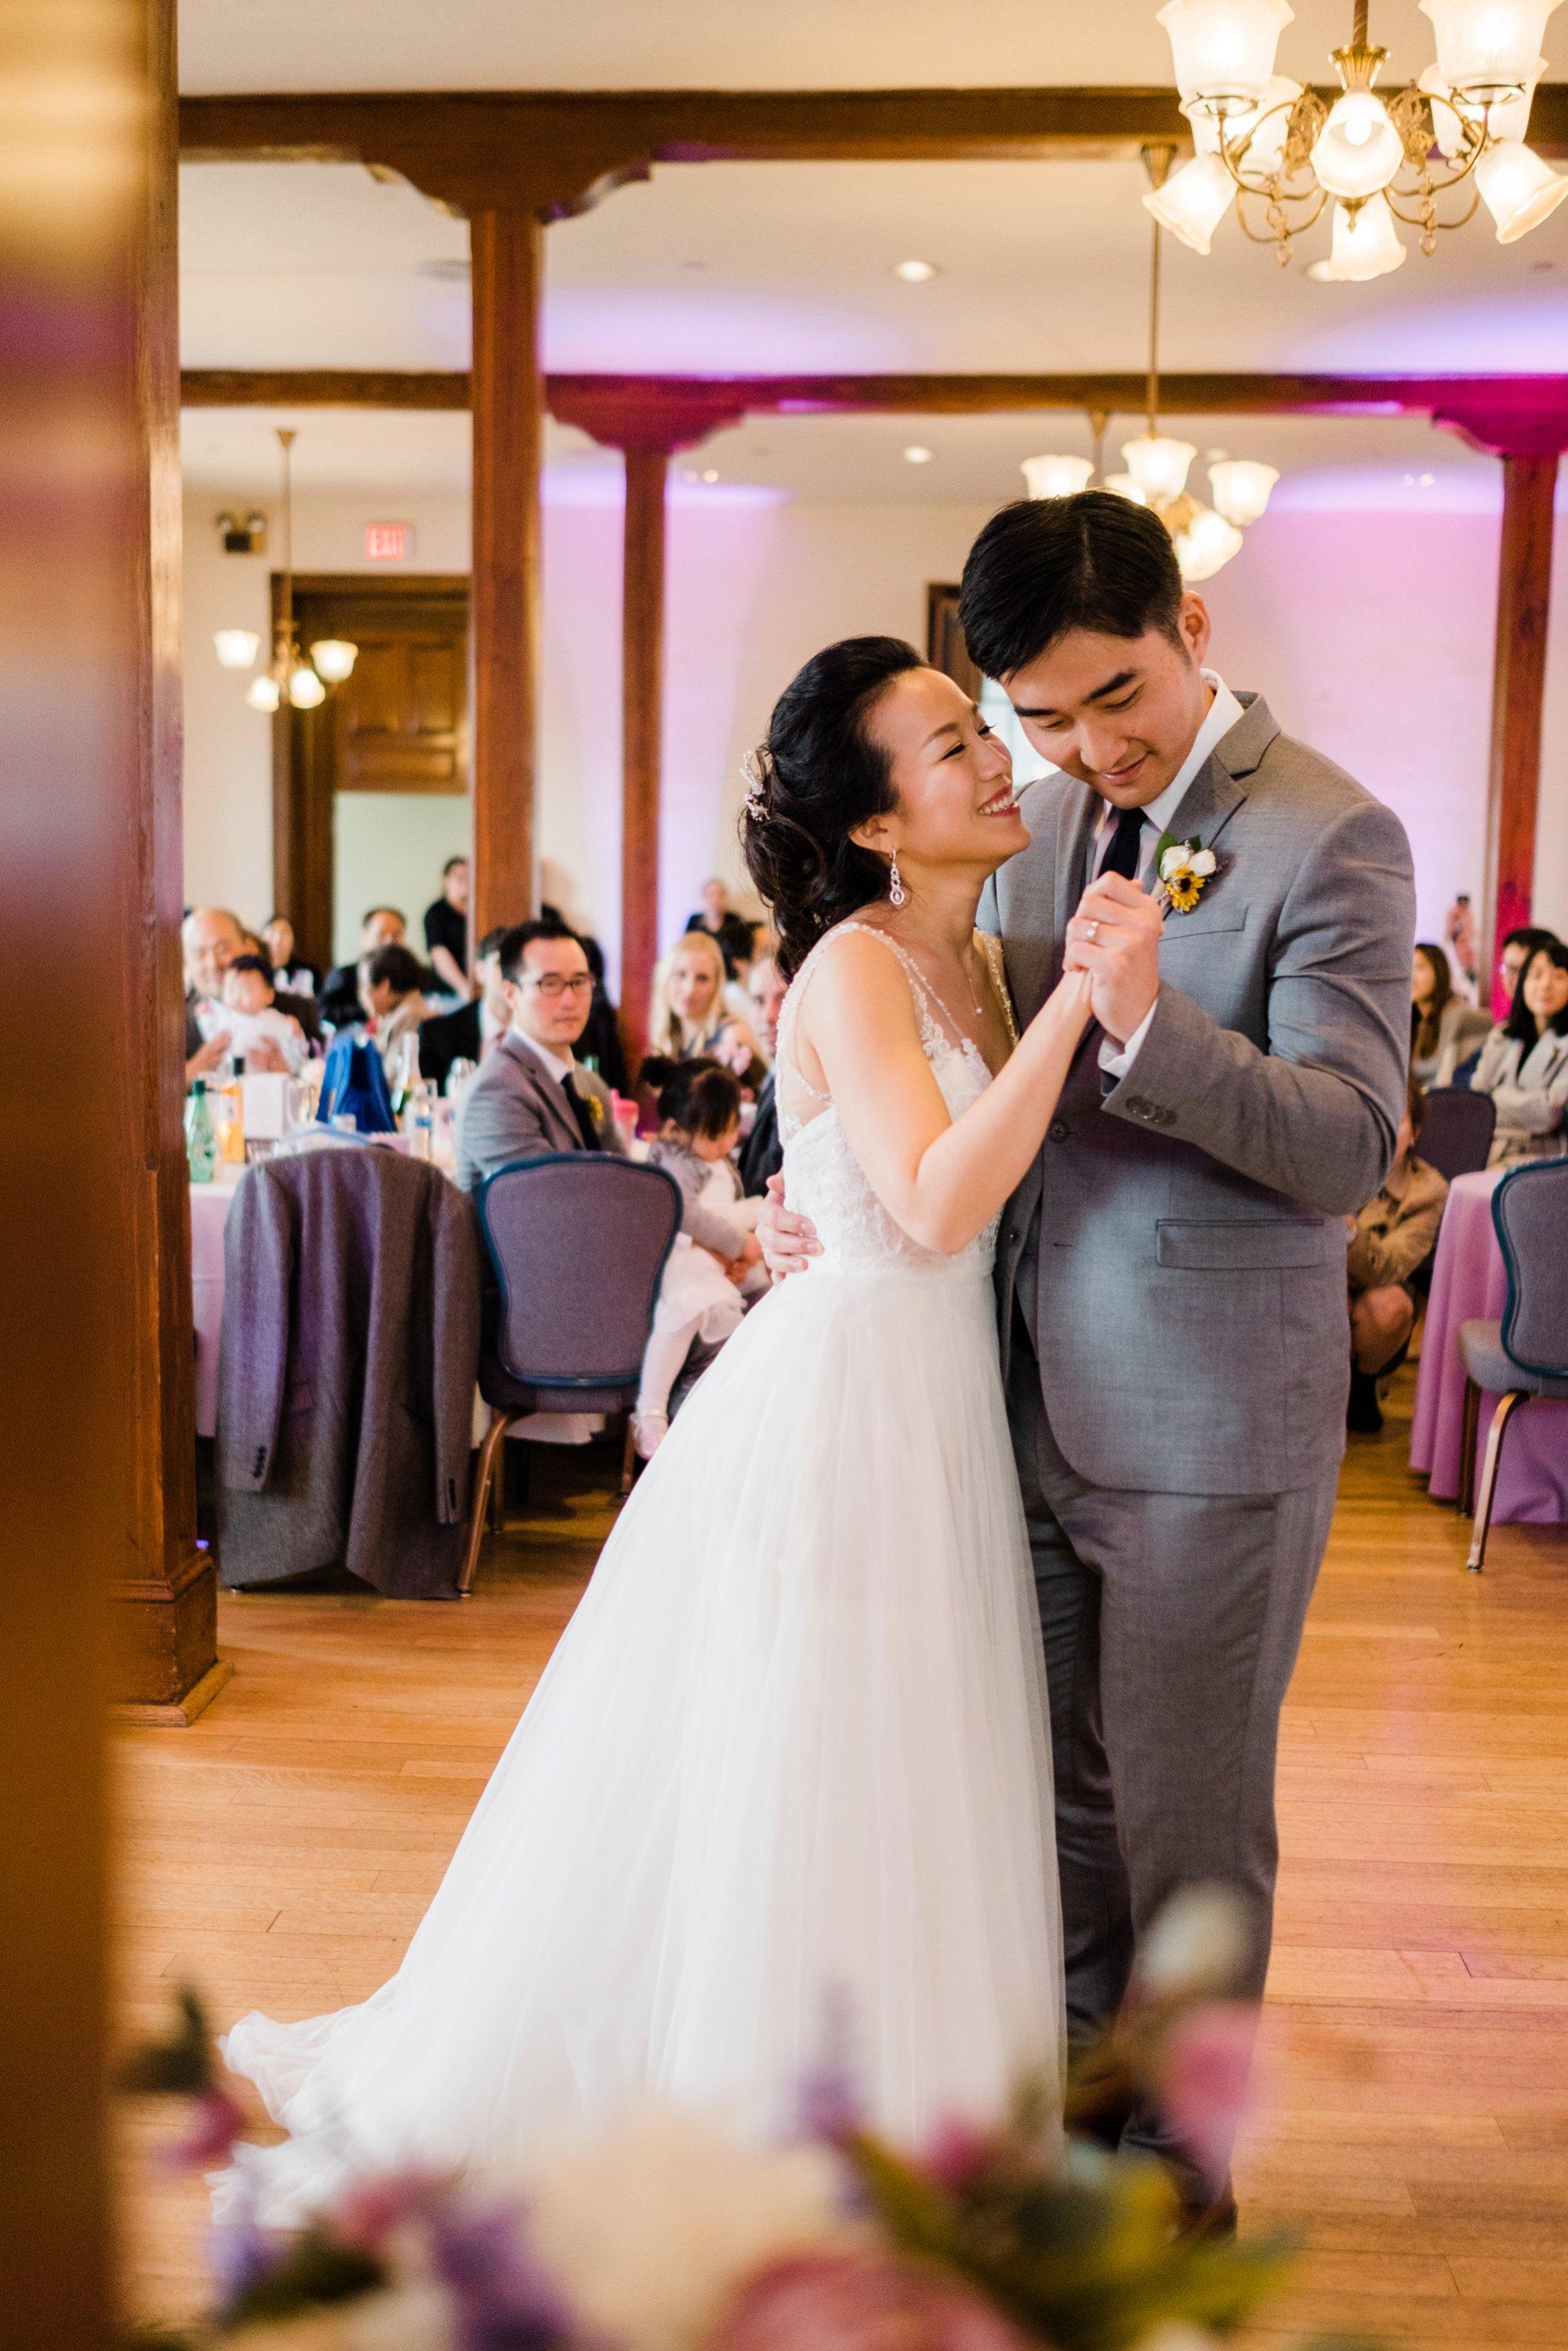 fairfax-dc-wedding-old-city-hall_0146.jpg